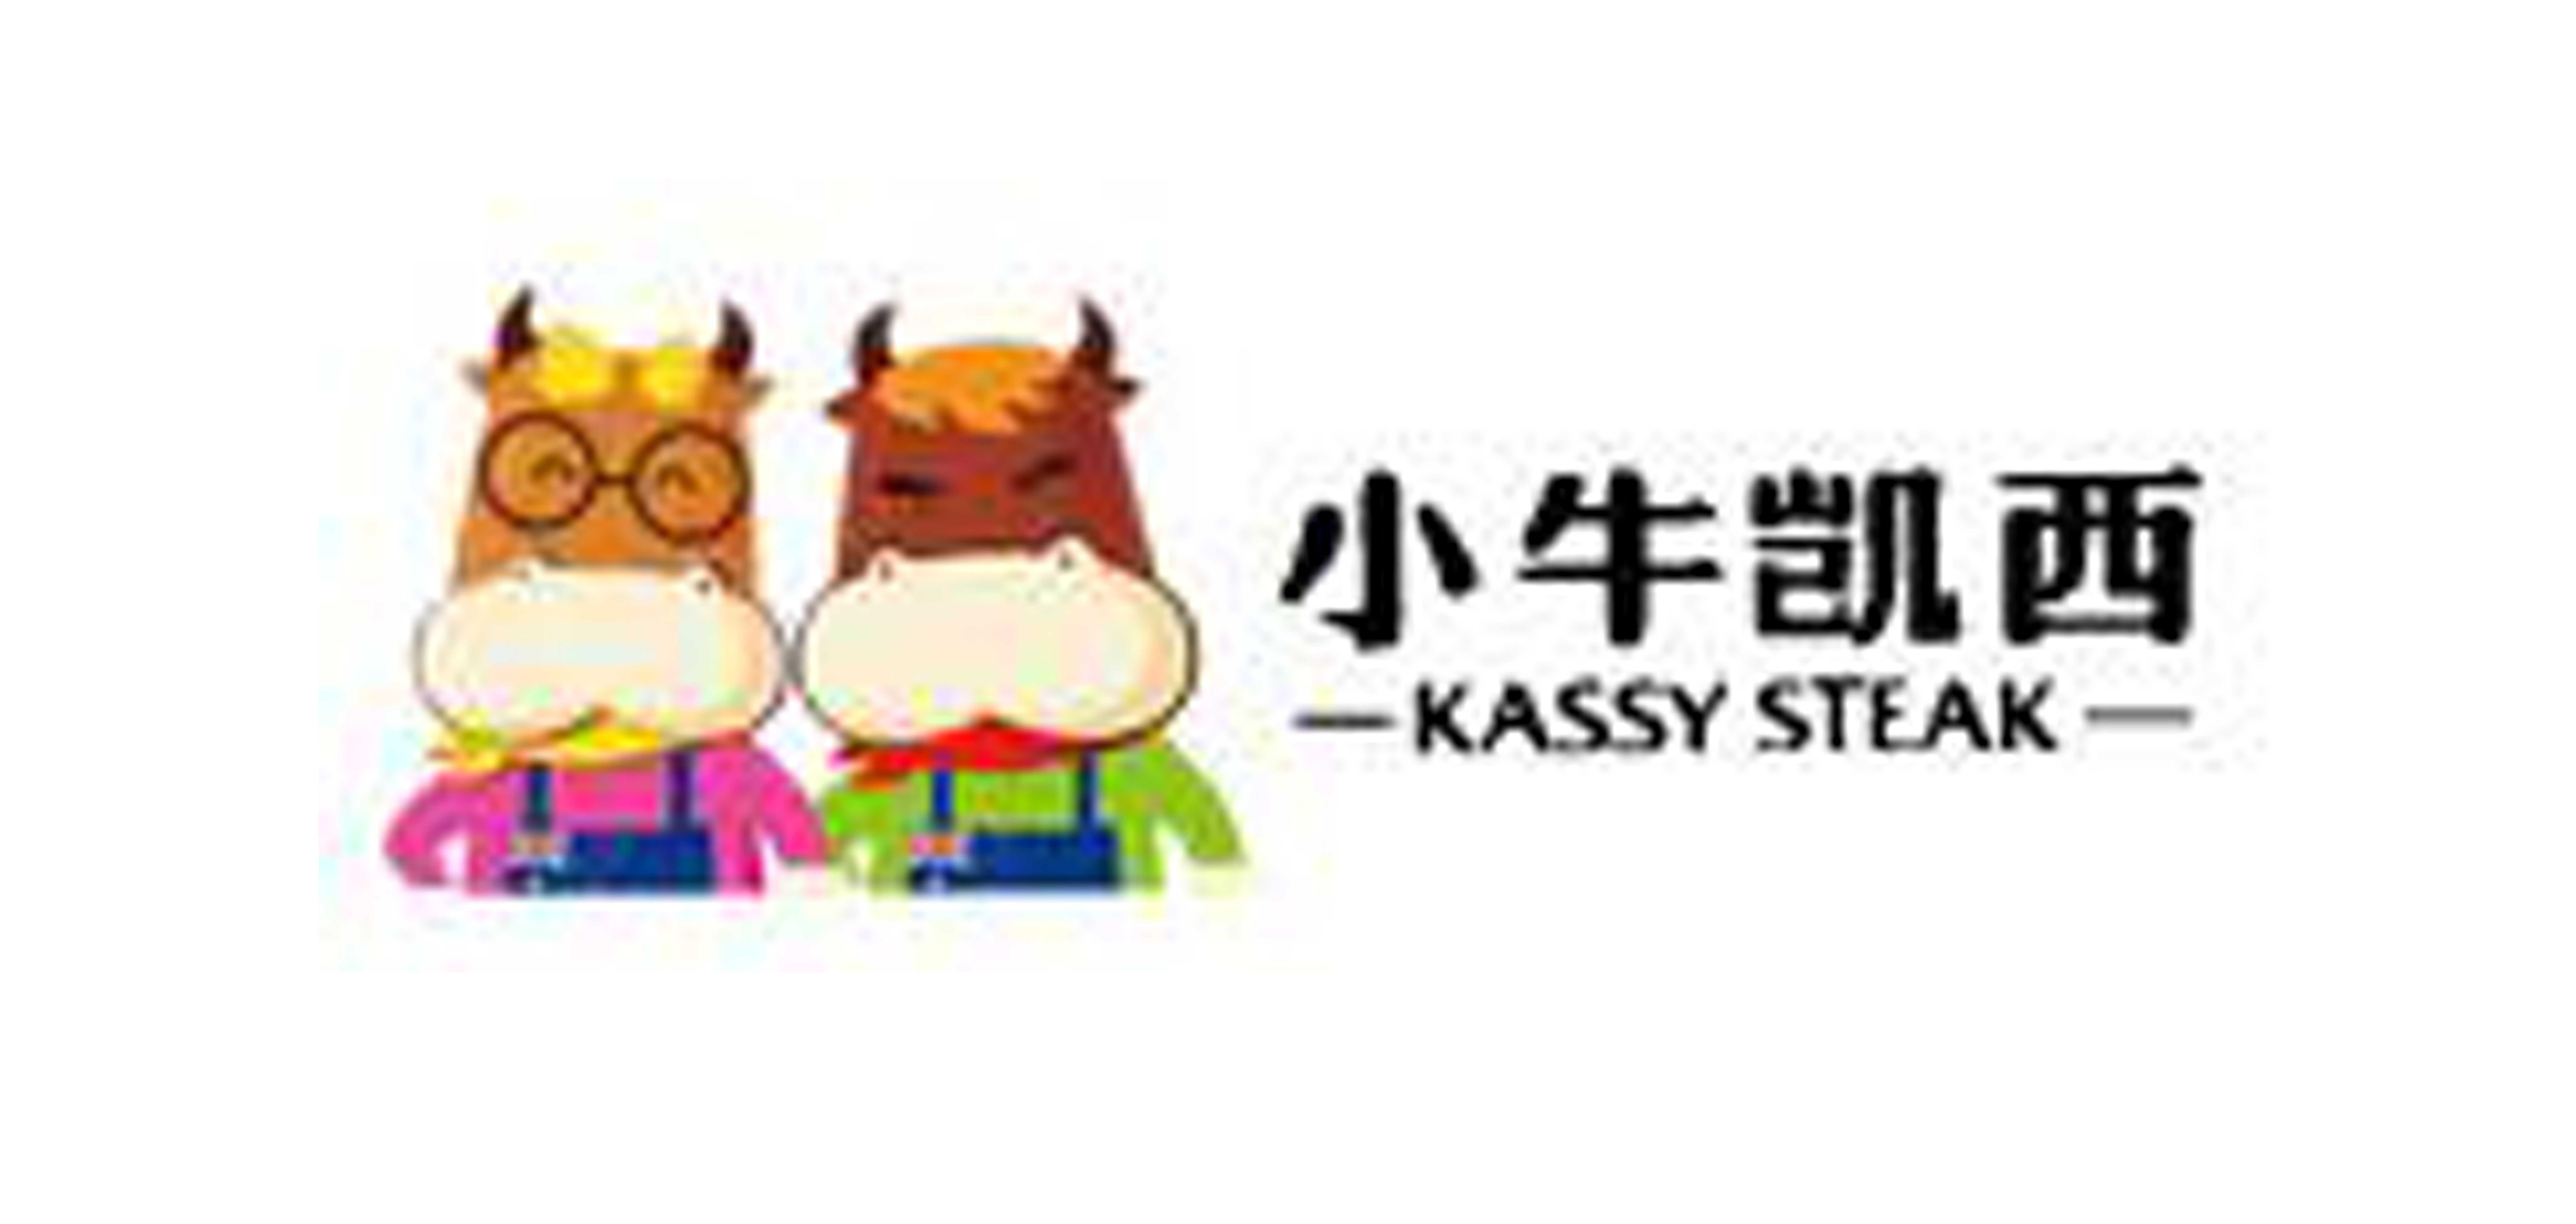 小牛凯西生鲜标志logo设计